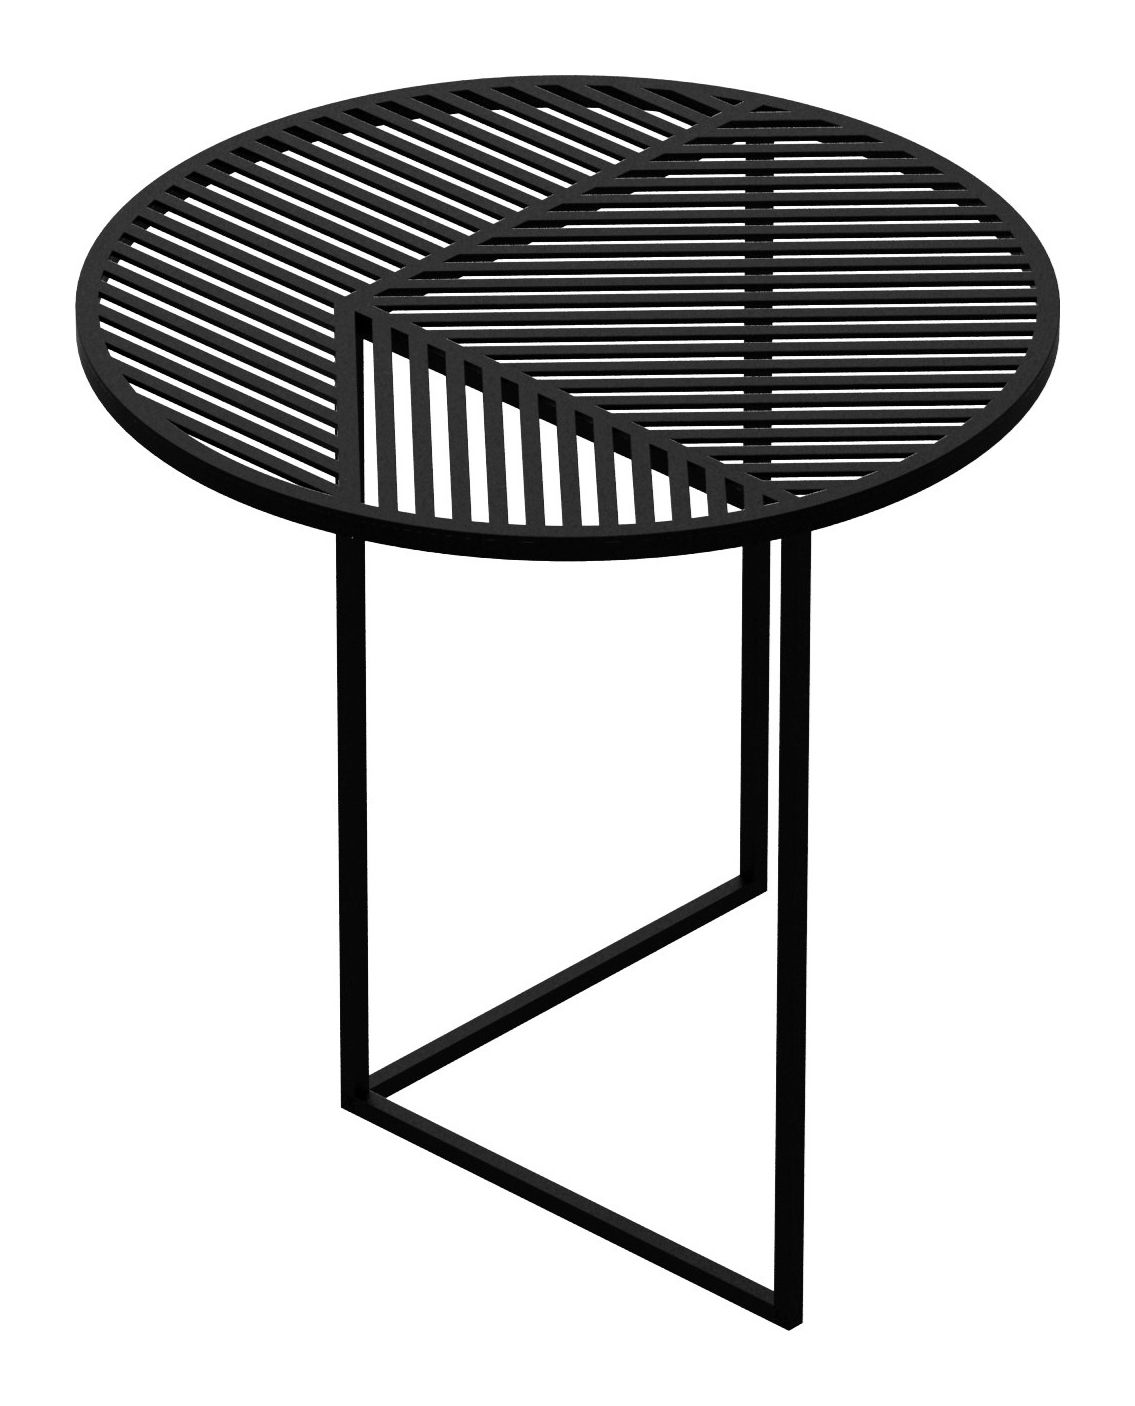 Mobilier - Tables basses - Table basse Iso-A / Ø 47 x H 44 cm - Petite Friture - Noir - Acier thermolaqué